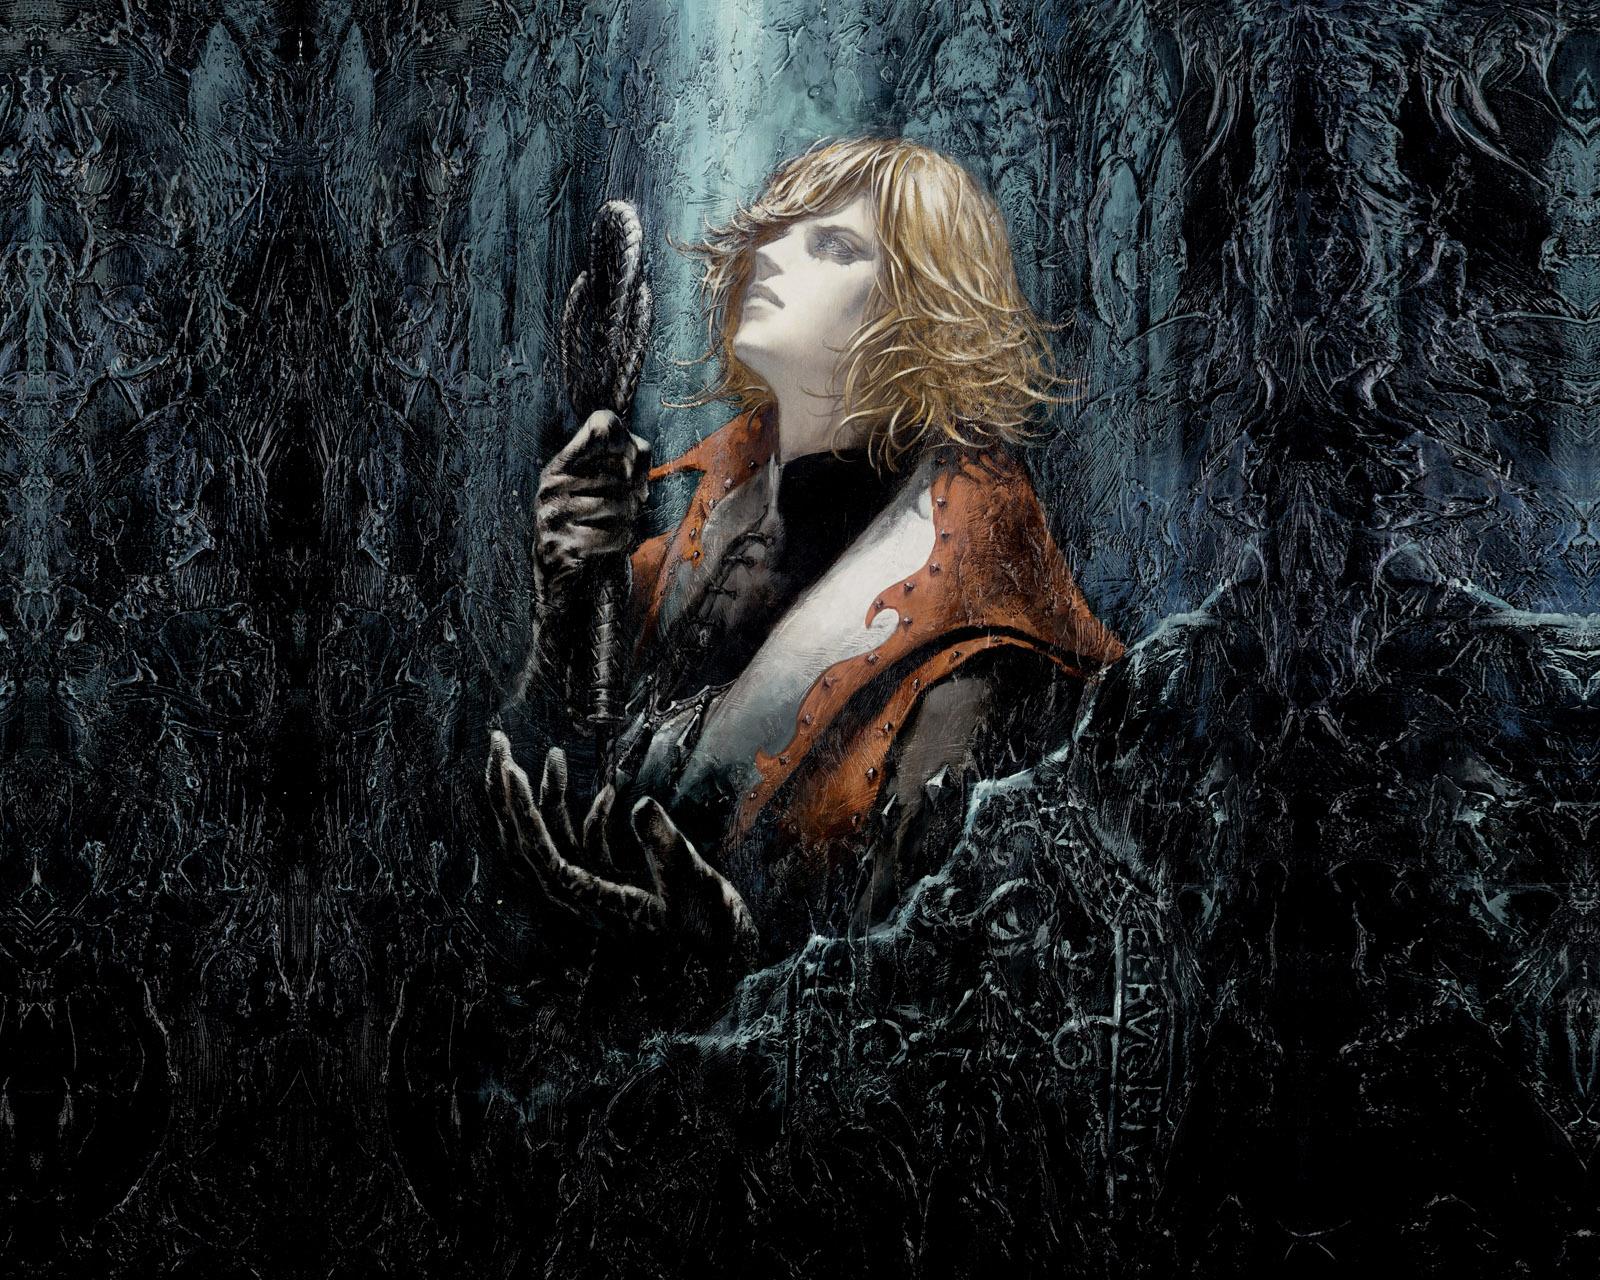 壁紙 キャッスルヴァニア 悪魔城ドラキュラ1 ゲーム ダウンロード